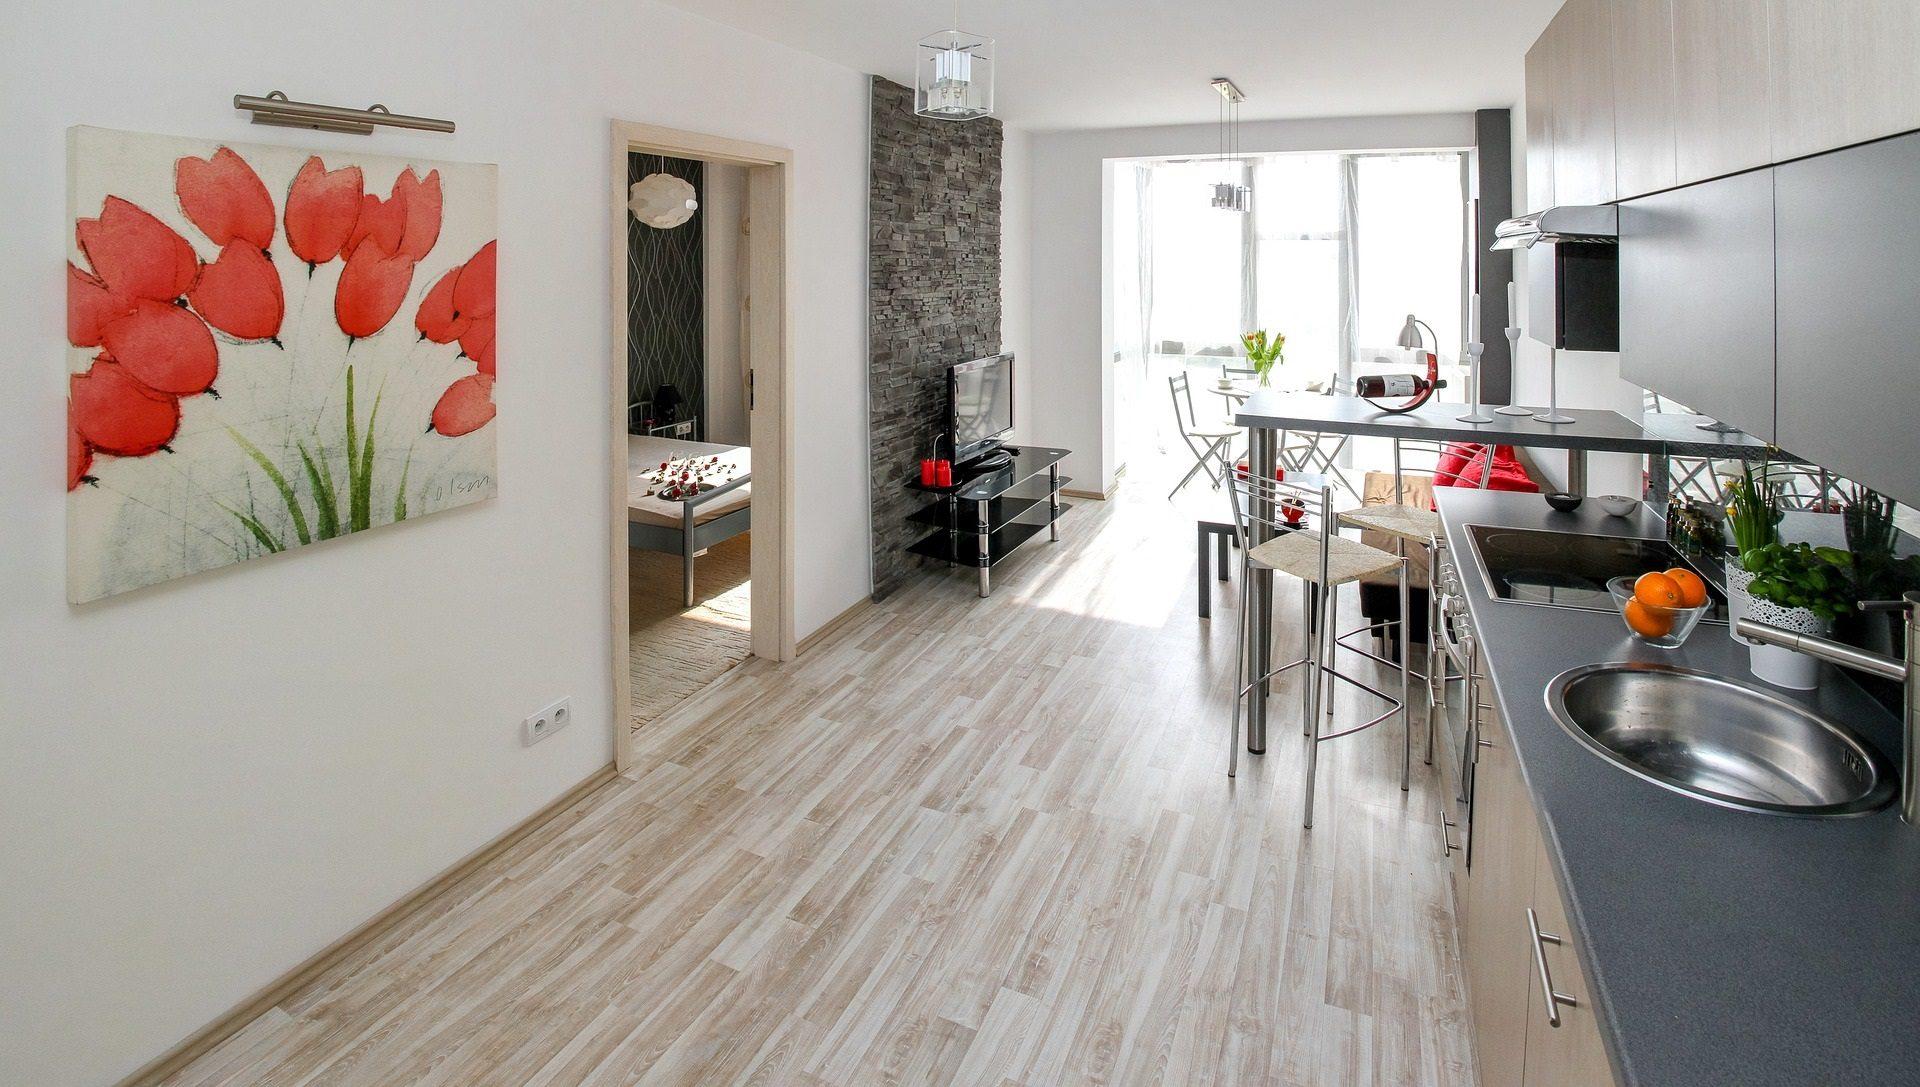 Fußbodenbelag In Mietwohnung Erneuern ~ Instandhaltung erneuerung fußbodenbelag in mietwohnungen u dr